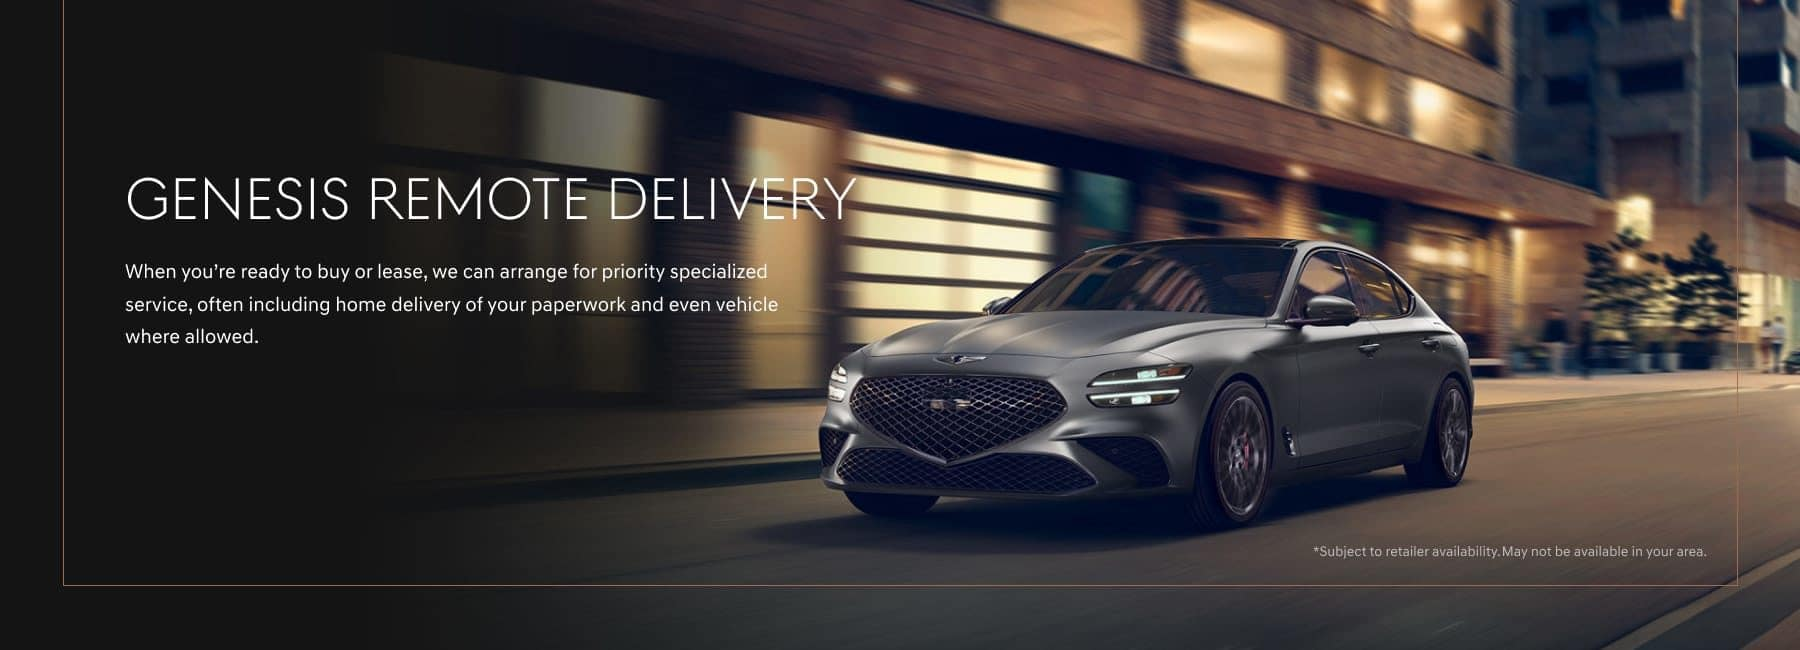 Genesis Remote Delivery